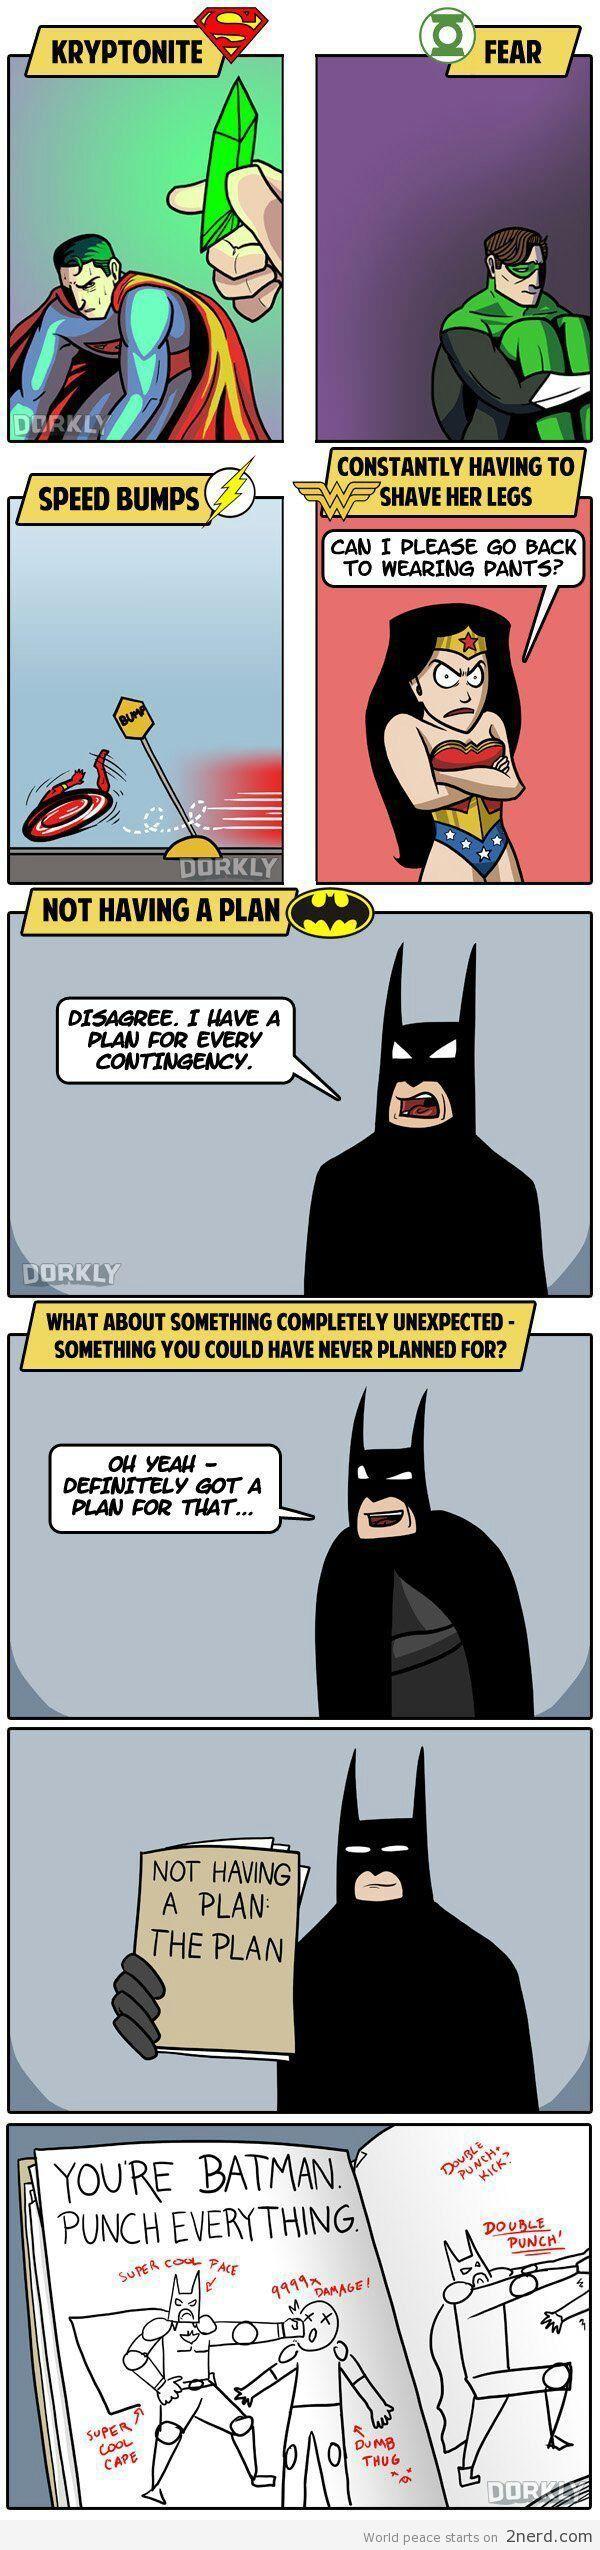 Superhero Problems - http://2nerd.com/comics/superhero-problems/